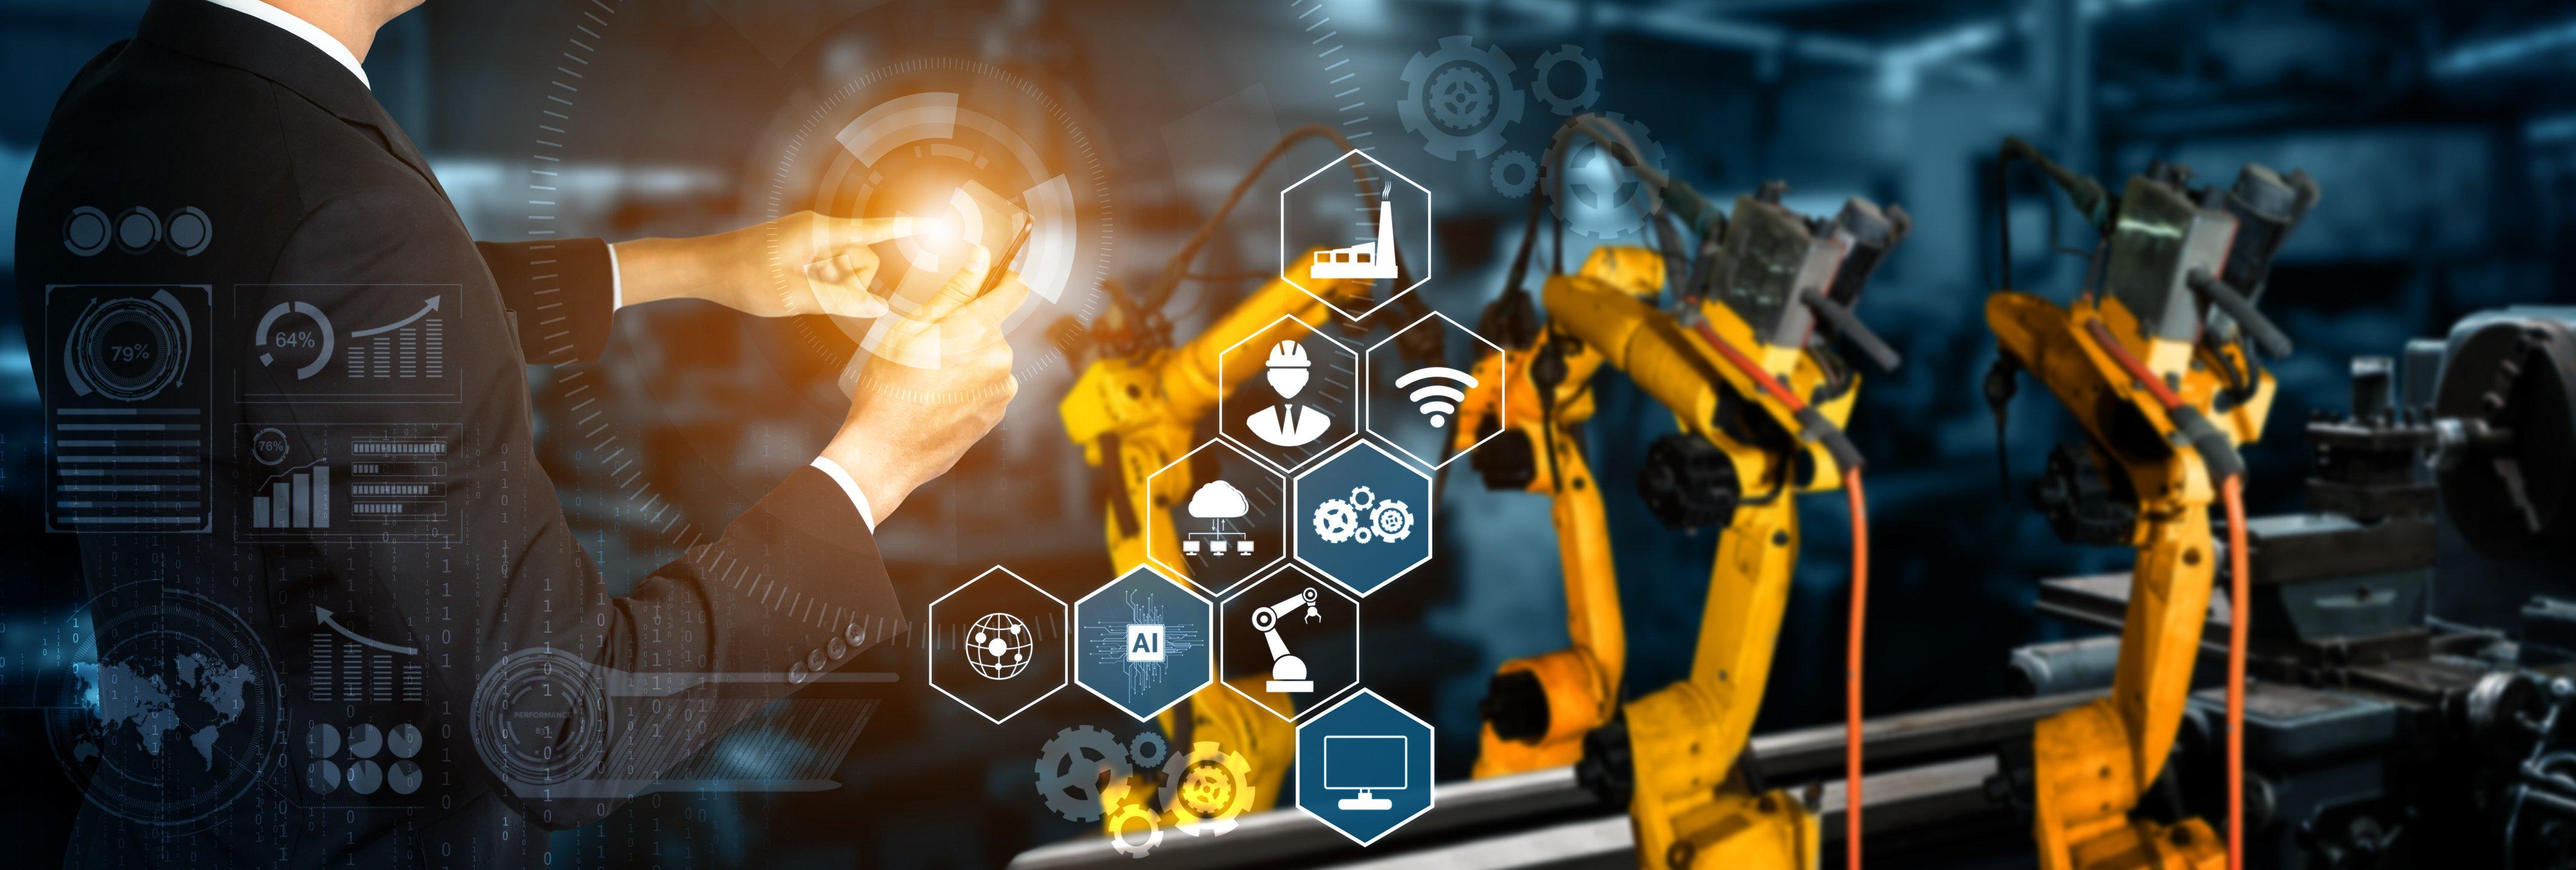 Textbild 2_Smart Factory_Dschungel